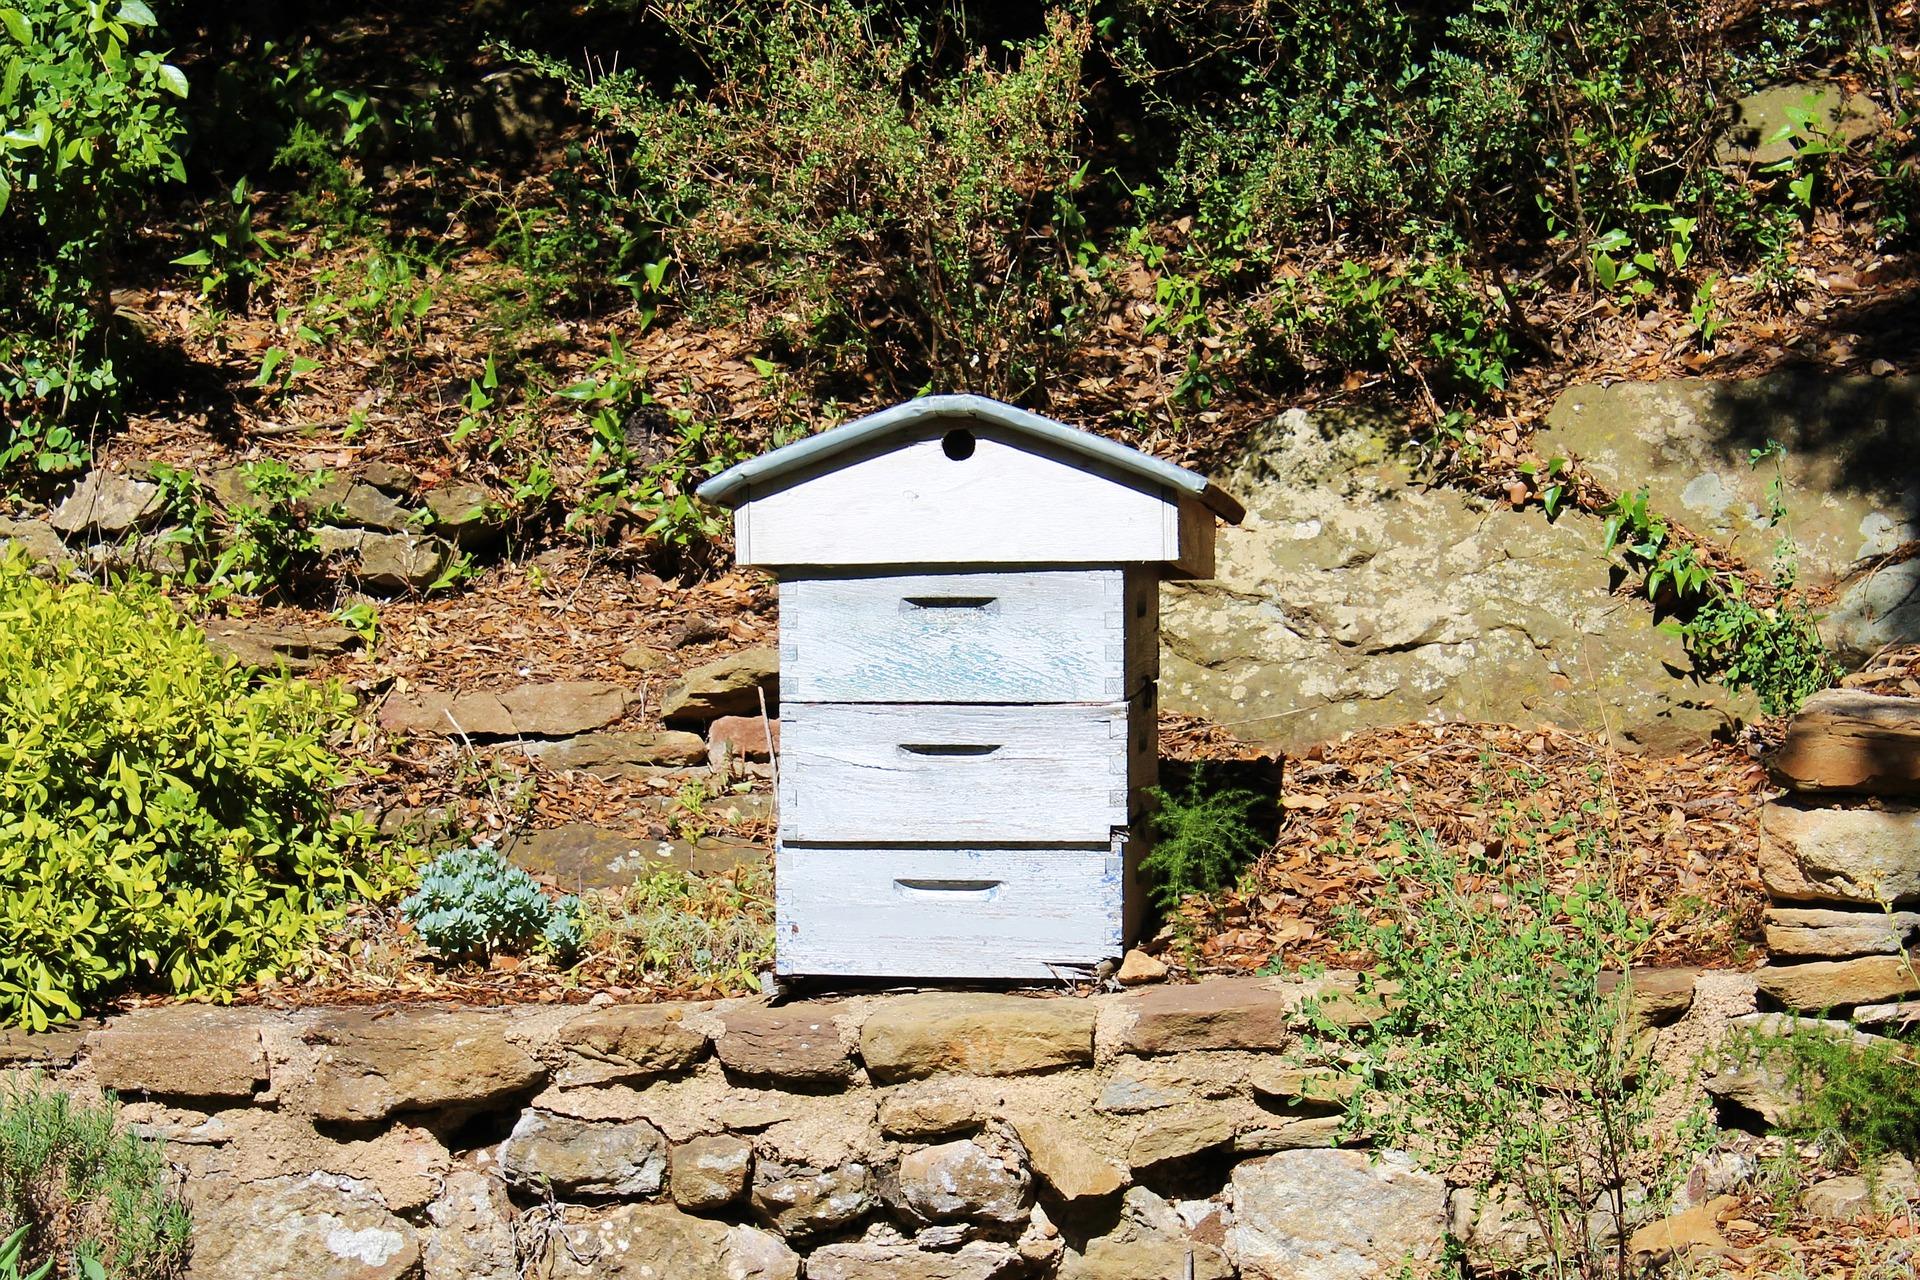 Une ruche dans un jardin écologique.